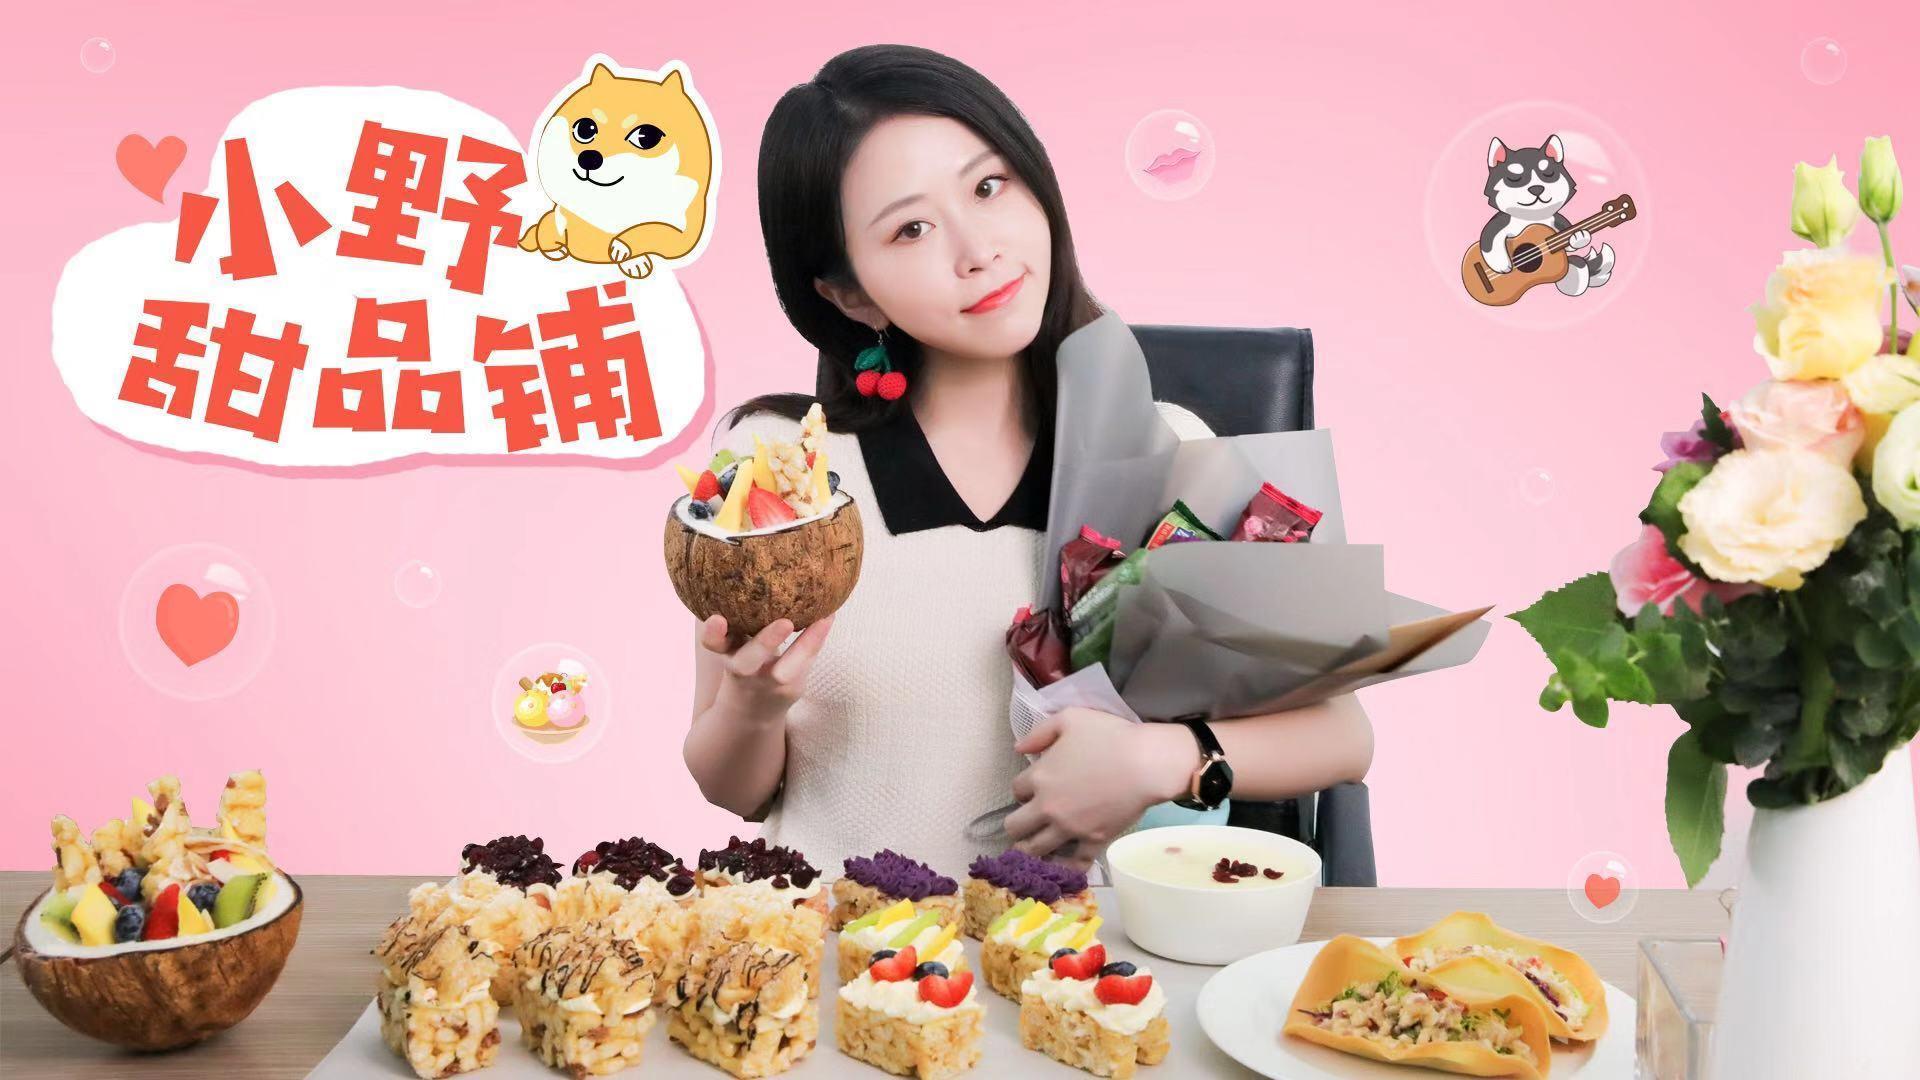 办公室小野甜品铺开张,花样沙琪玛安慰单身狗!